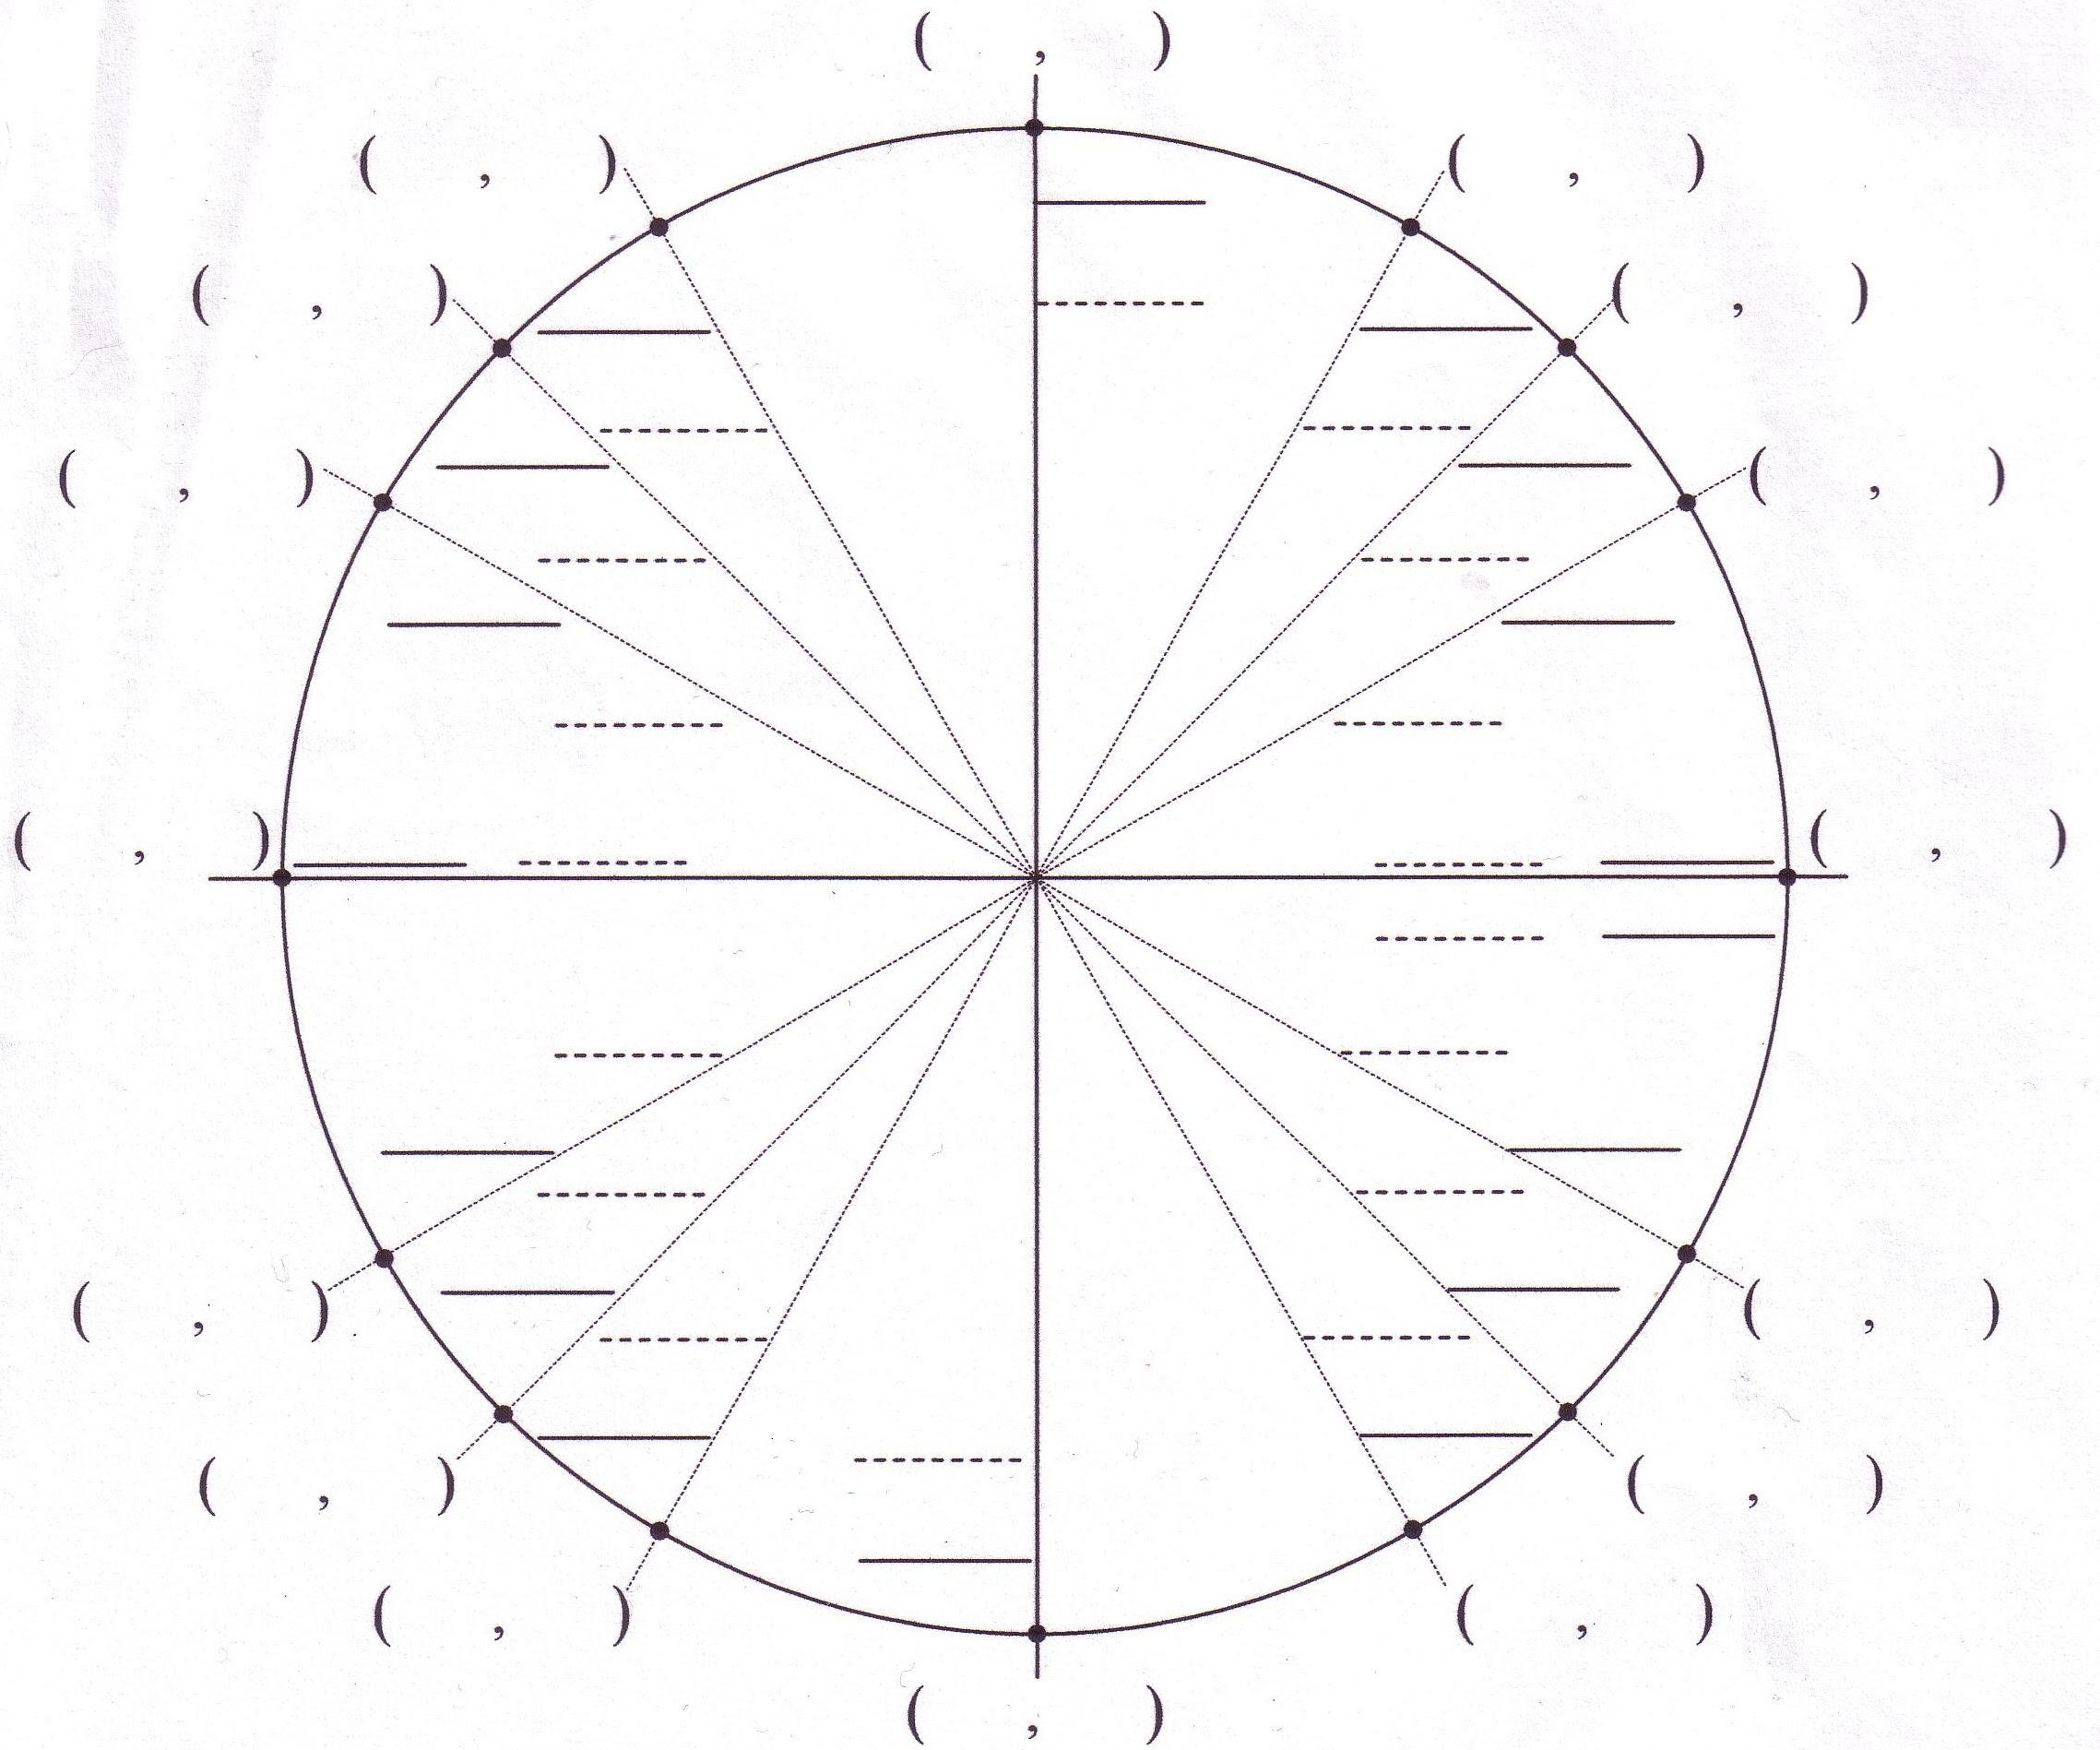 Unit Circle Practice Worksheet - Versaldobip